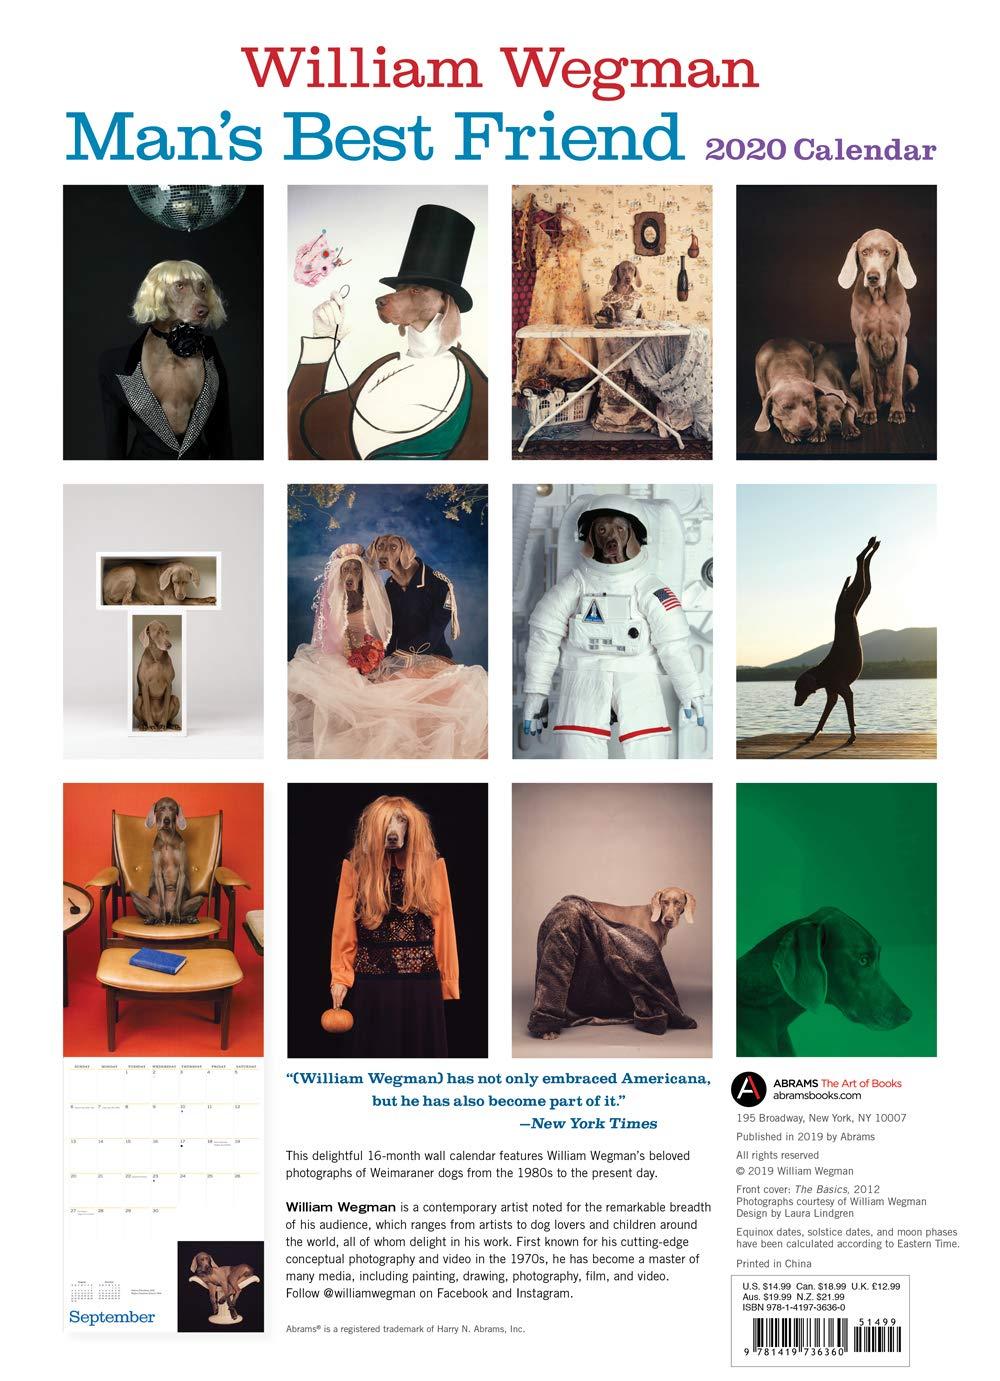 Best Books For Men 2020 Amazon.com: William Wegman Man's Best Friend 2020 Wall Calendar